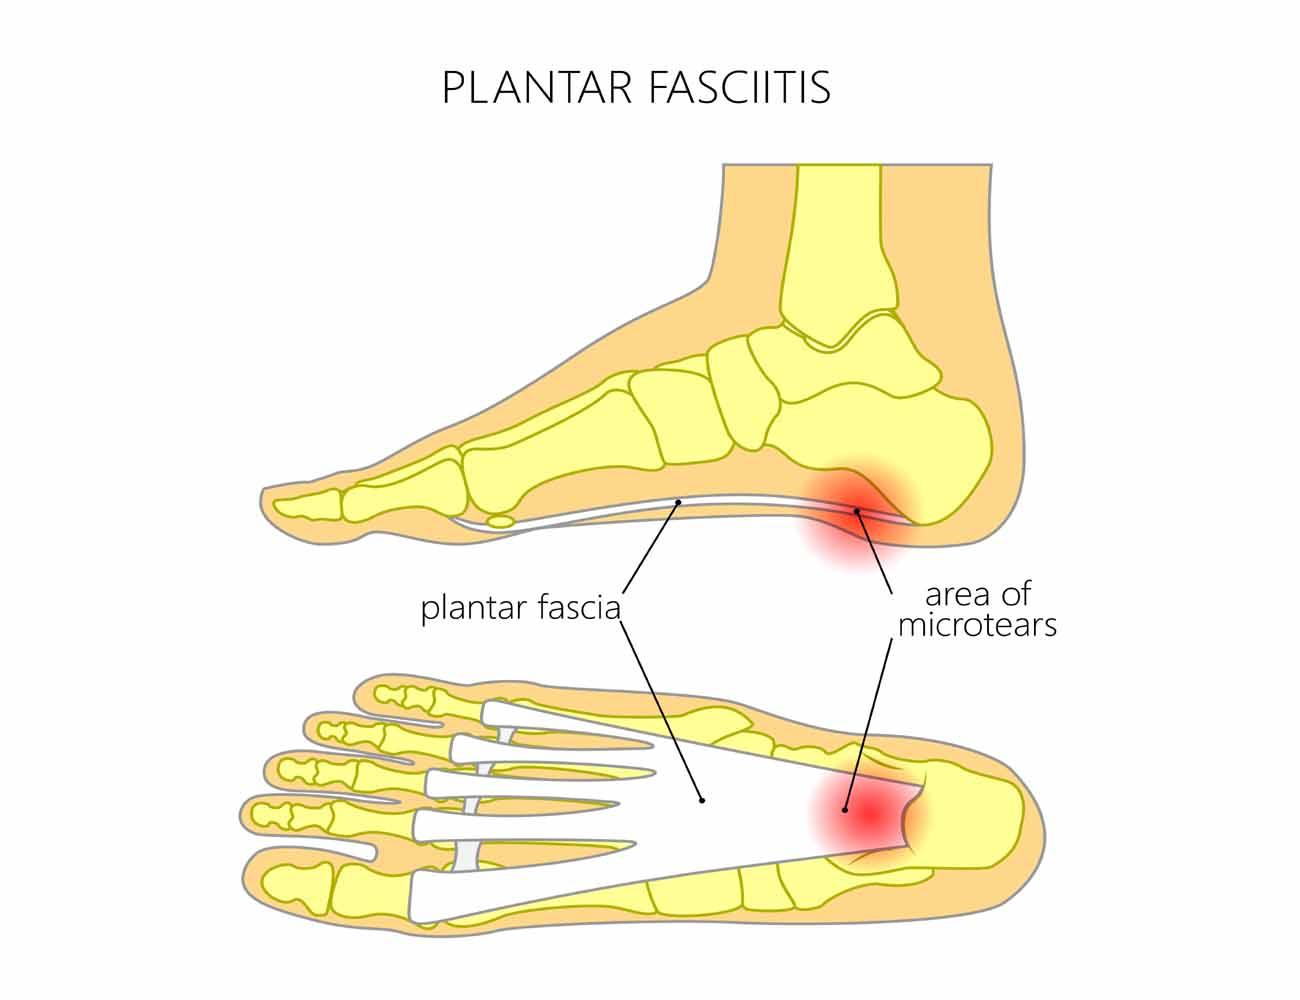 graphic about Plantar Fasciitis Exercises Printable titled Plantar Fasciitis Kiva Therapeutics